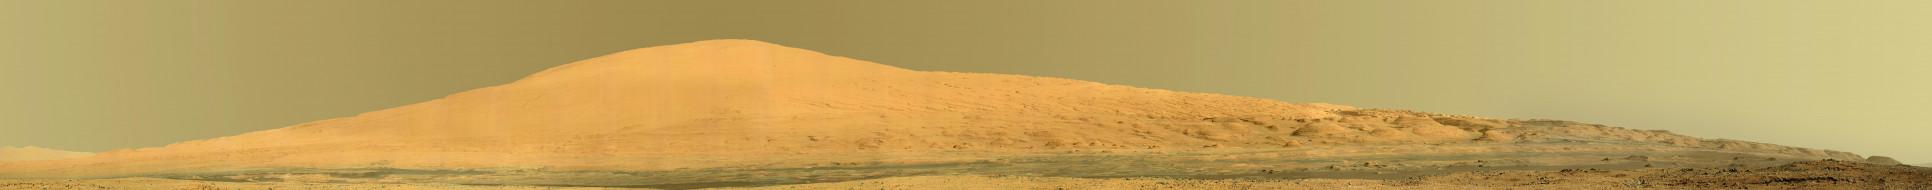 грунт, космос, Вселенная, планета, Марс, поверхность, вид, равнина, холм